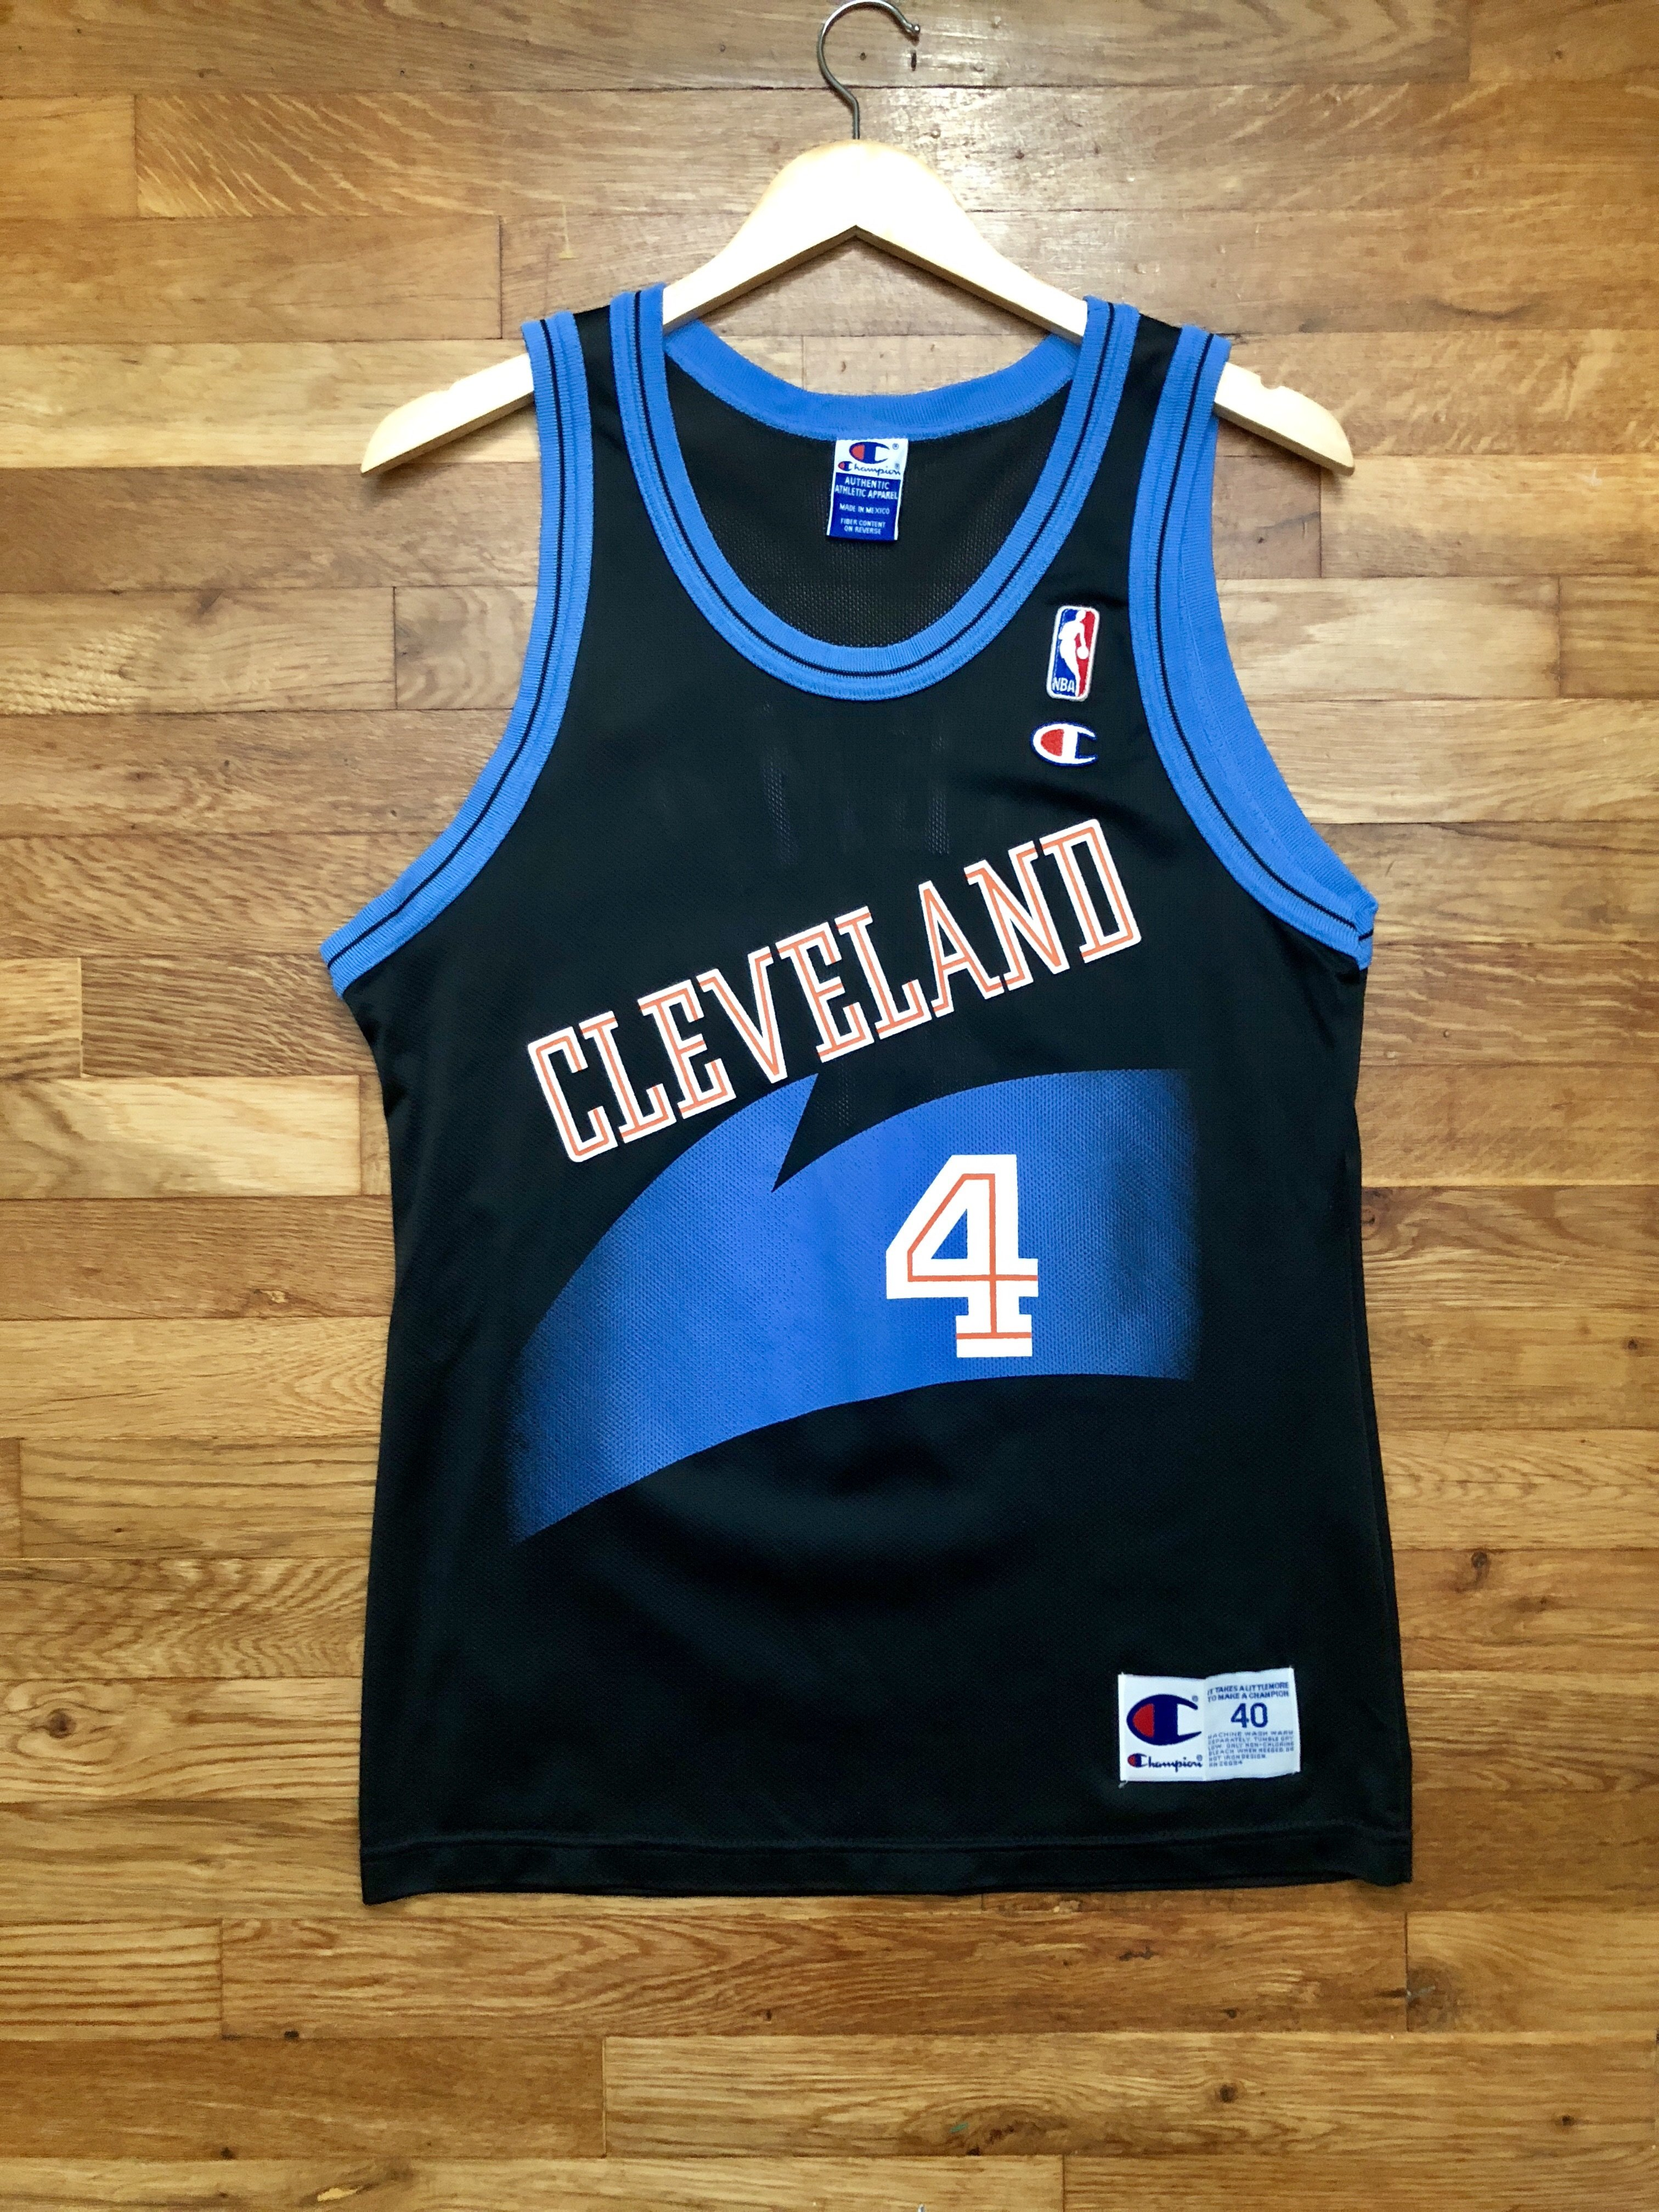 brand new e6403 fab67 Shawn Kemp Cleveland Cavs Champion Jersey 40 / Medium ...